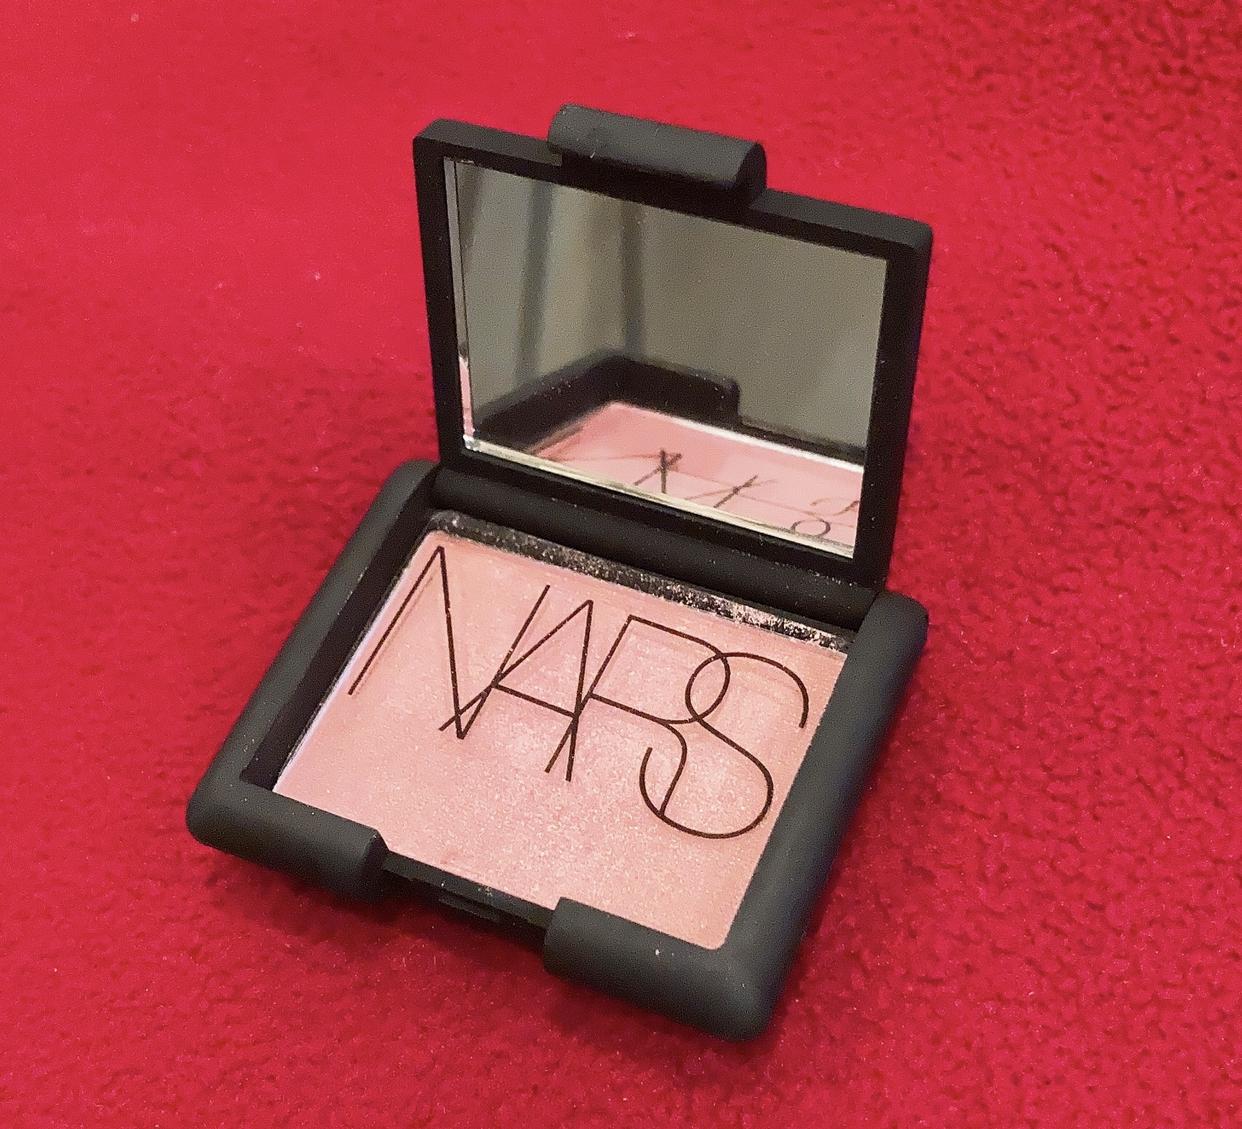 NARS(ナーズ) ブラッシュを使ったyukoさんのクチコミ画像